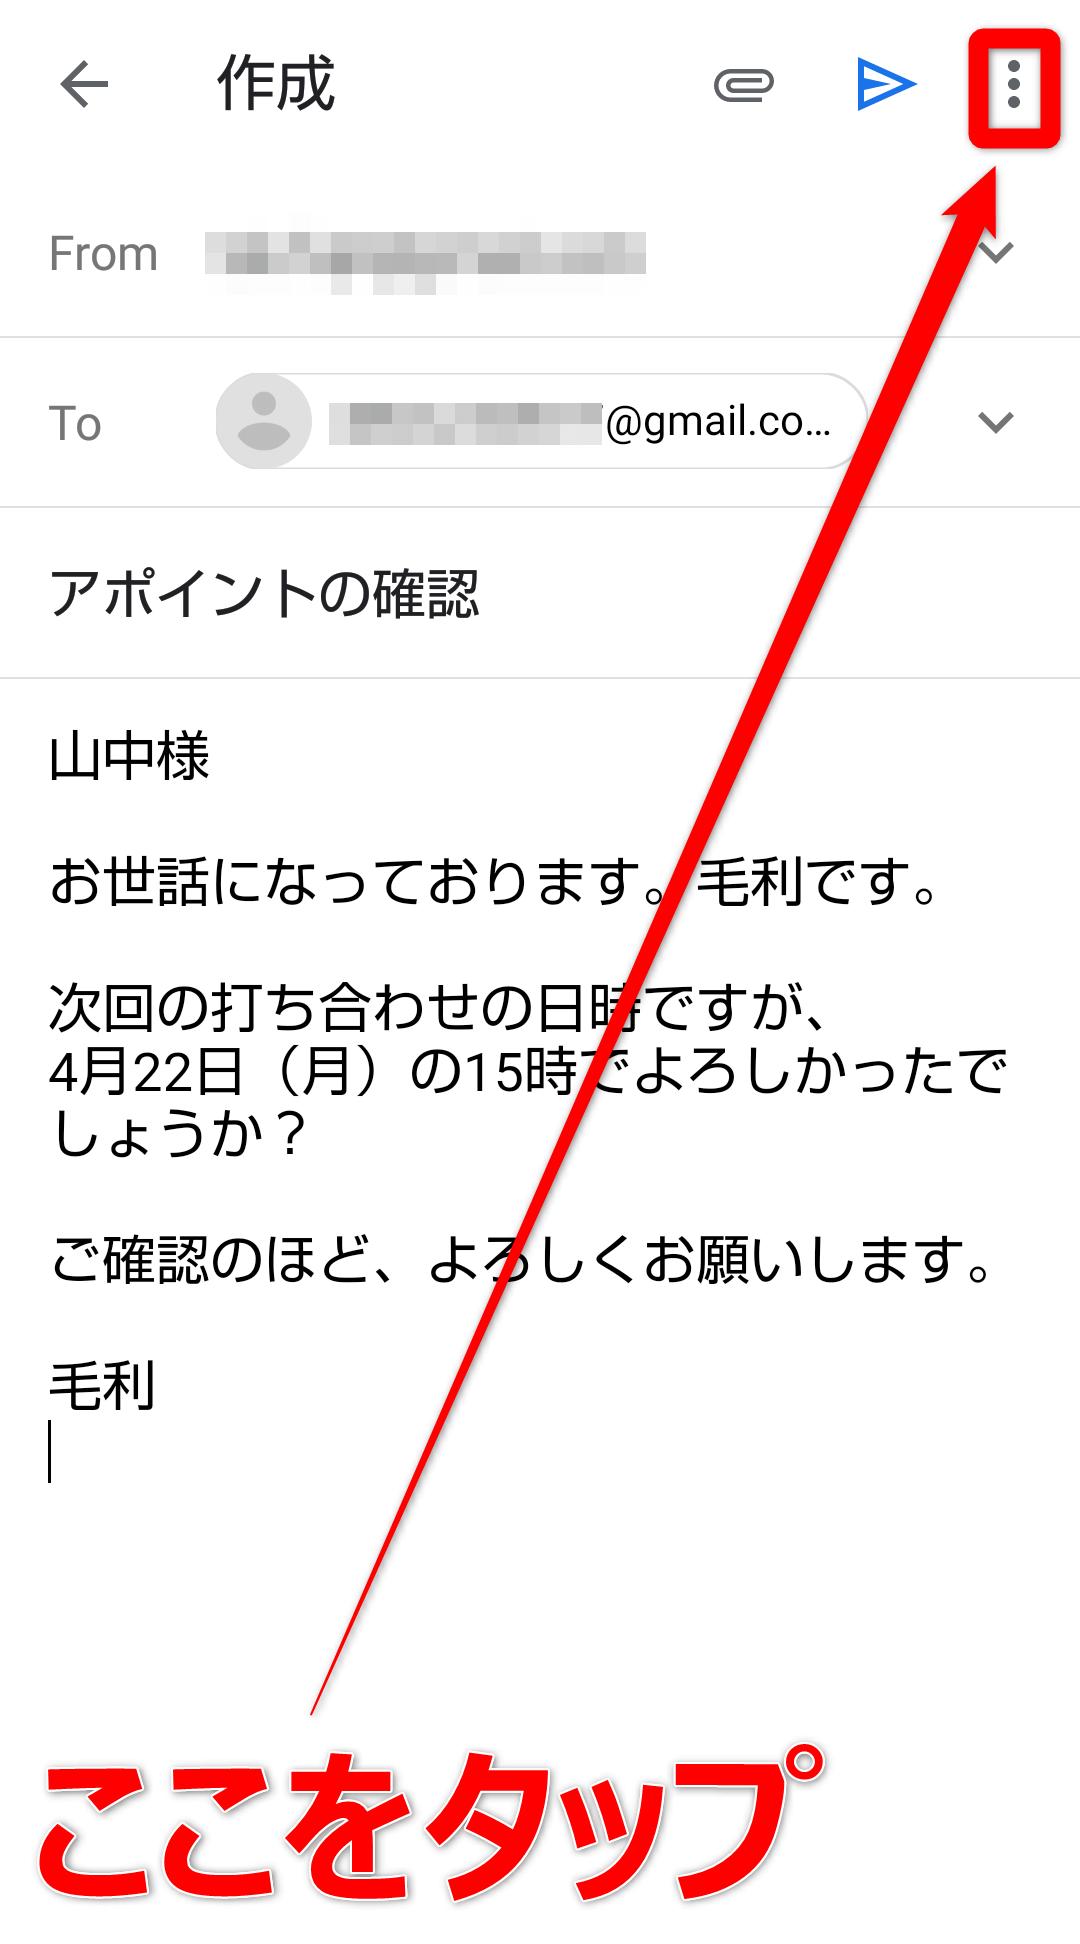 Android(アンドロイド)スマートフォン版Gmail(ジーメール)アプリのメール作成画面